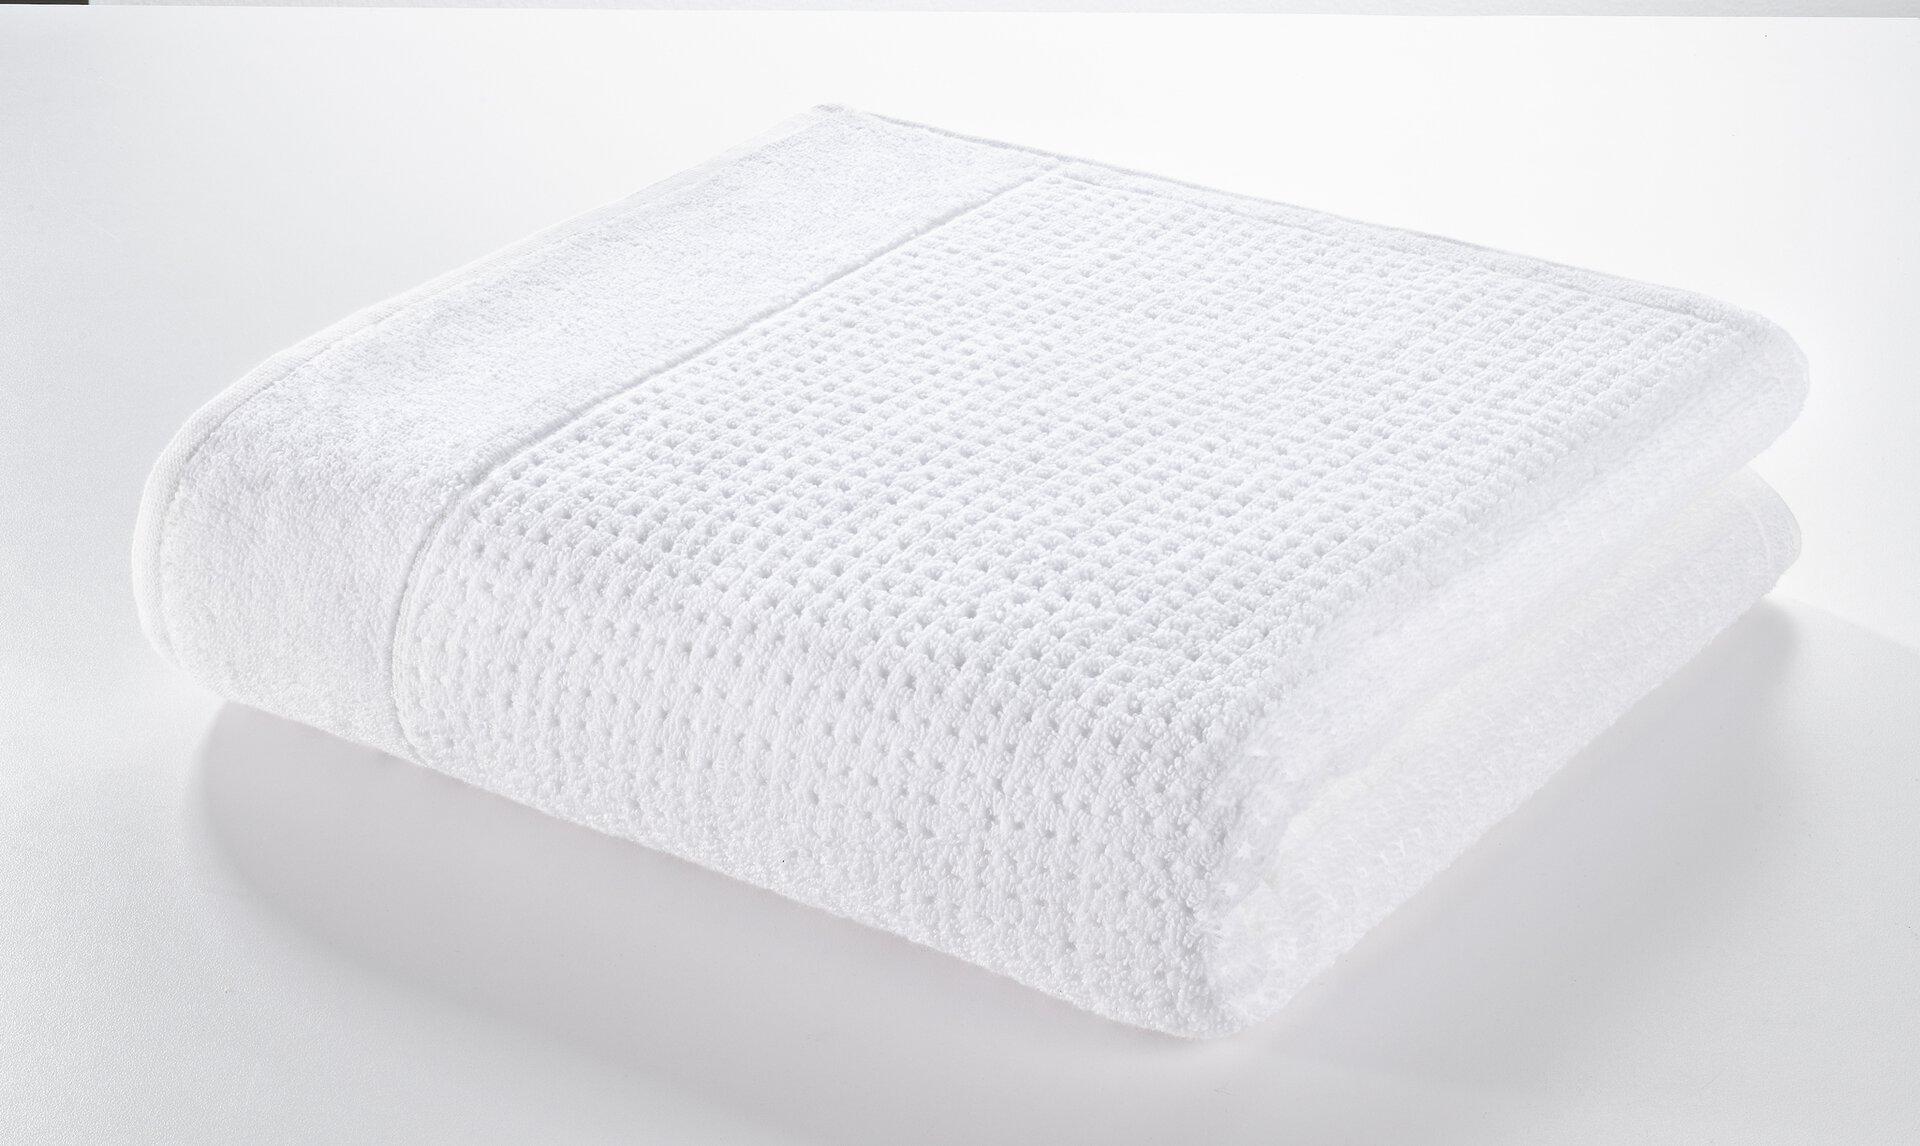 Duschtuch Faro Casa Nova Textil weiß 70 x 140 cm